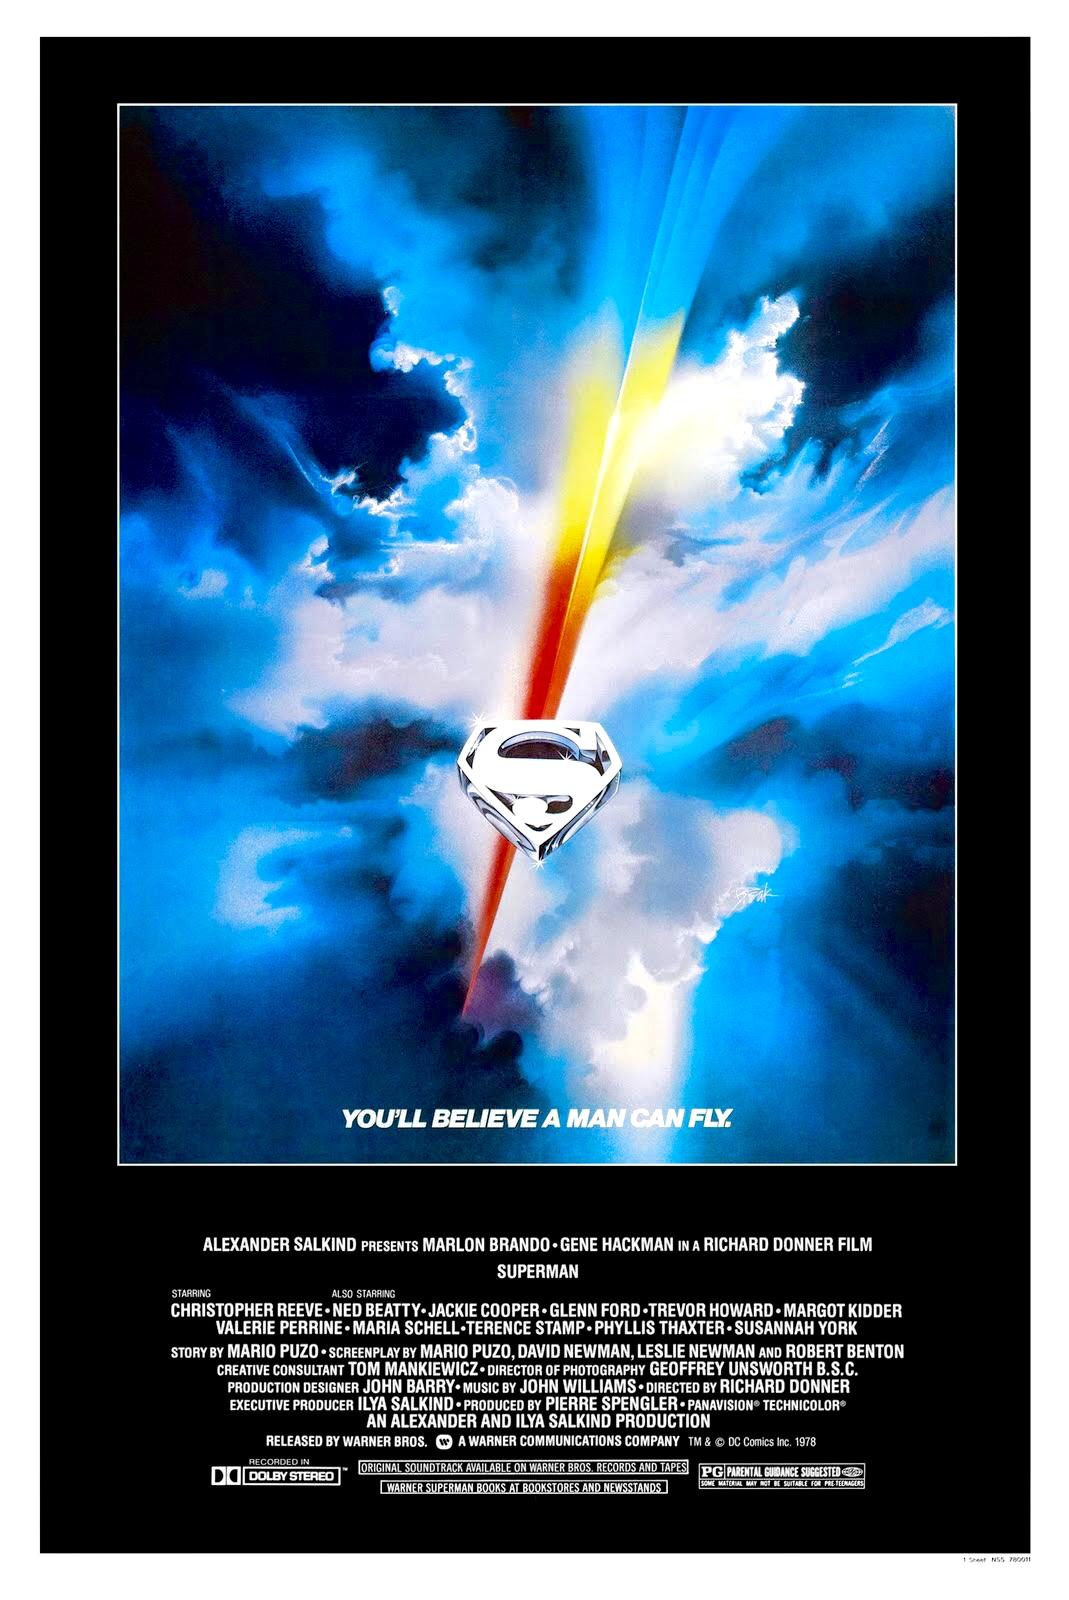 ดูหนัง Superman The Movie (1978) ซูเปอร์แมน ภาค 1